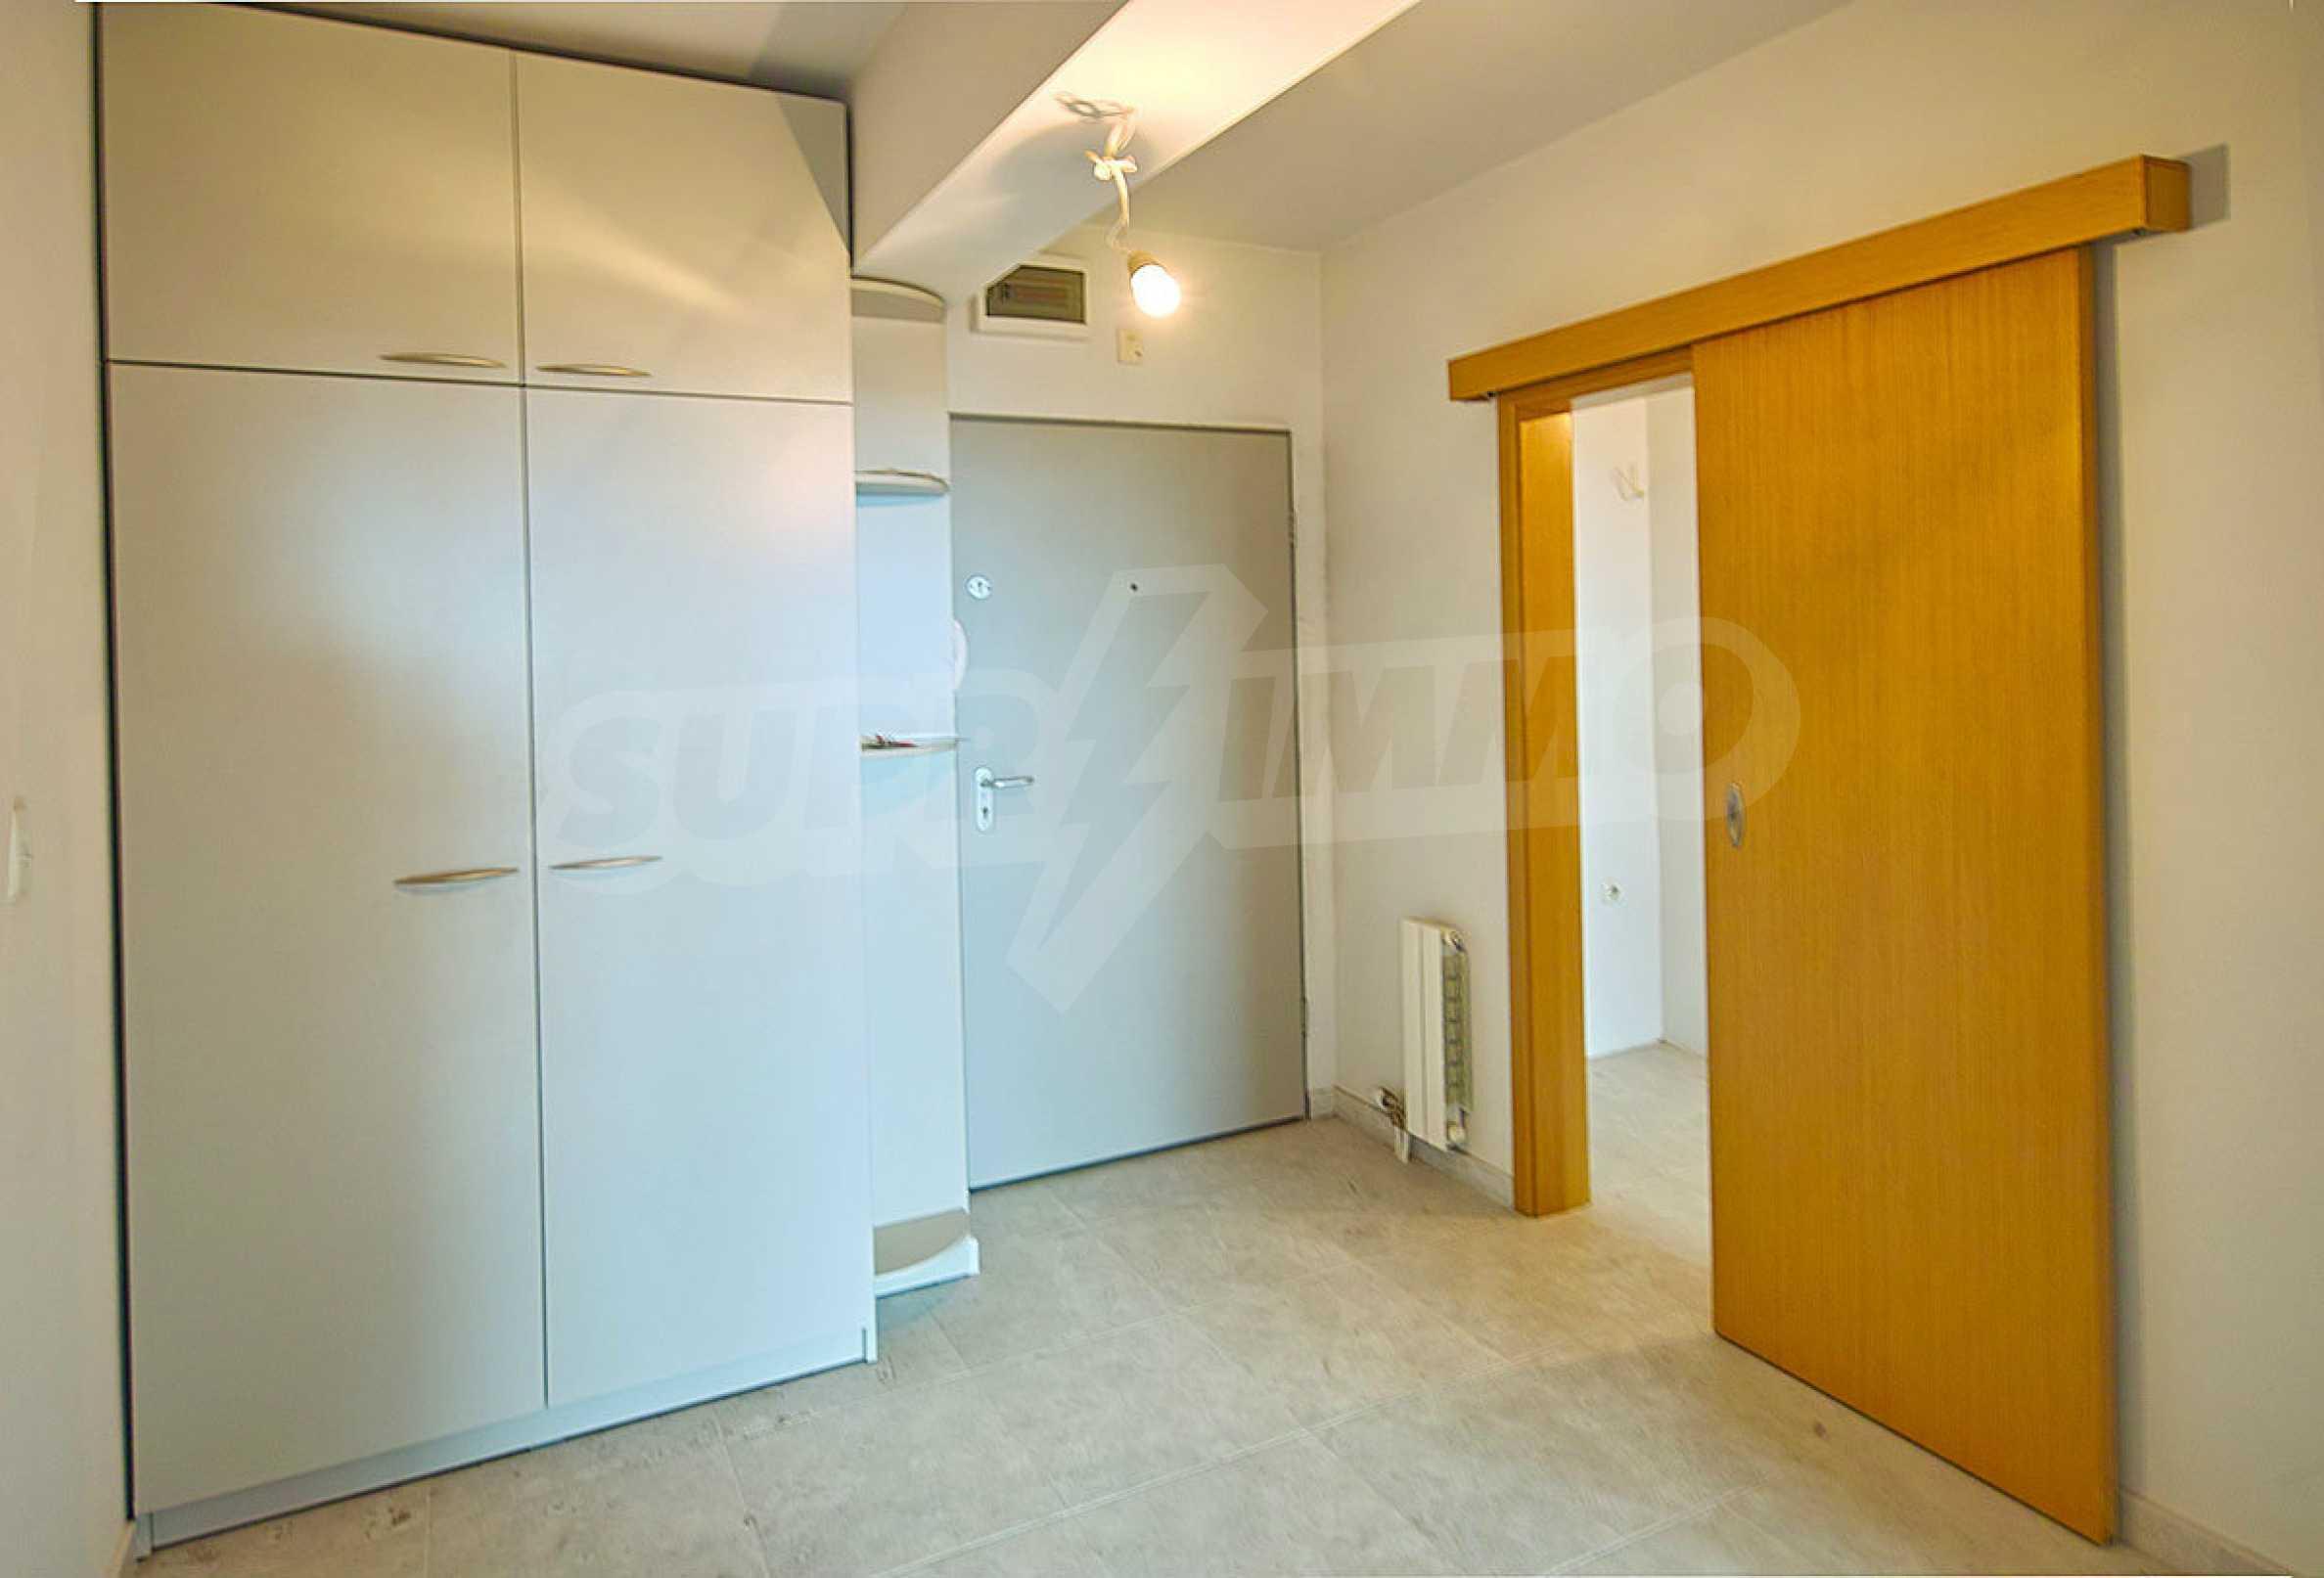 Wohnung zu vermieten in Lyulin-3 Bezirk neben der U-Bahn 8